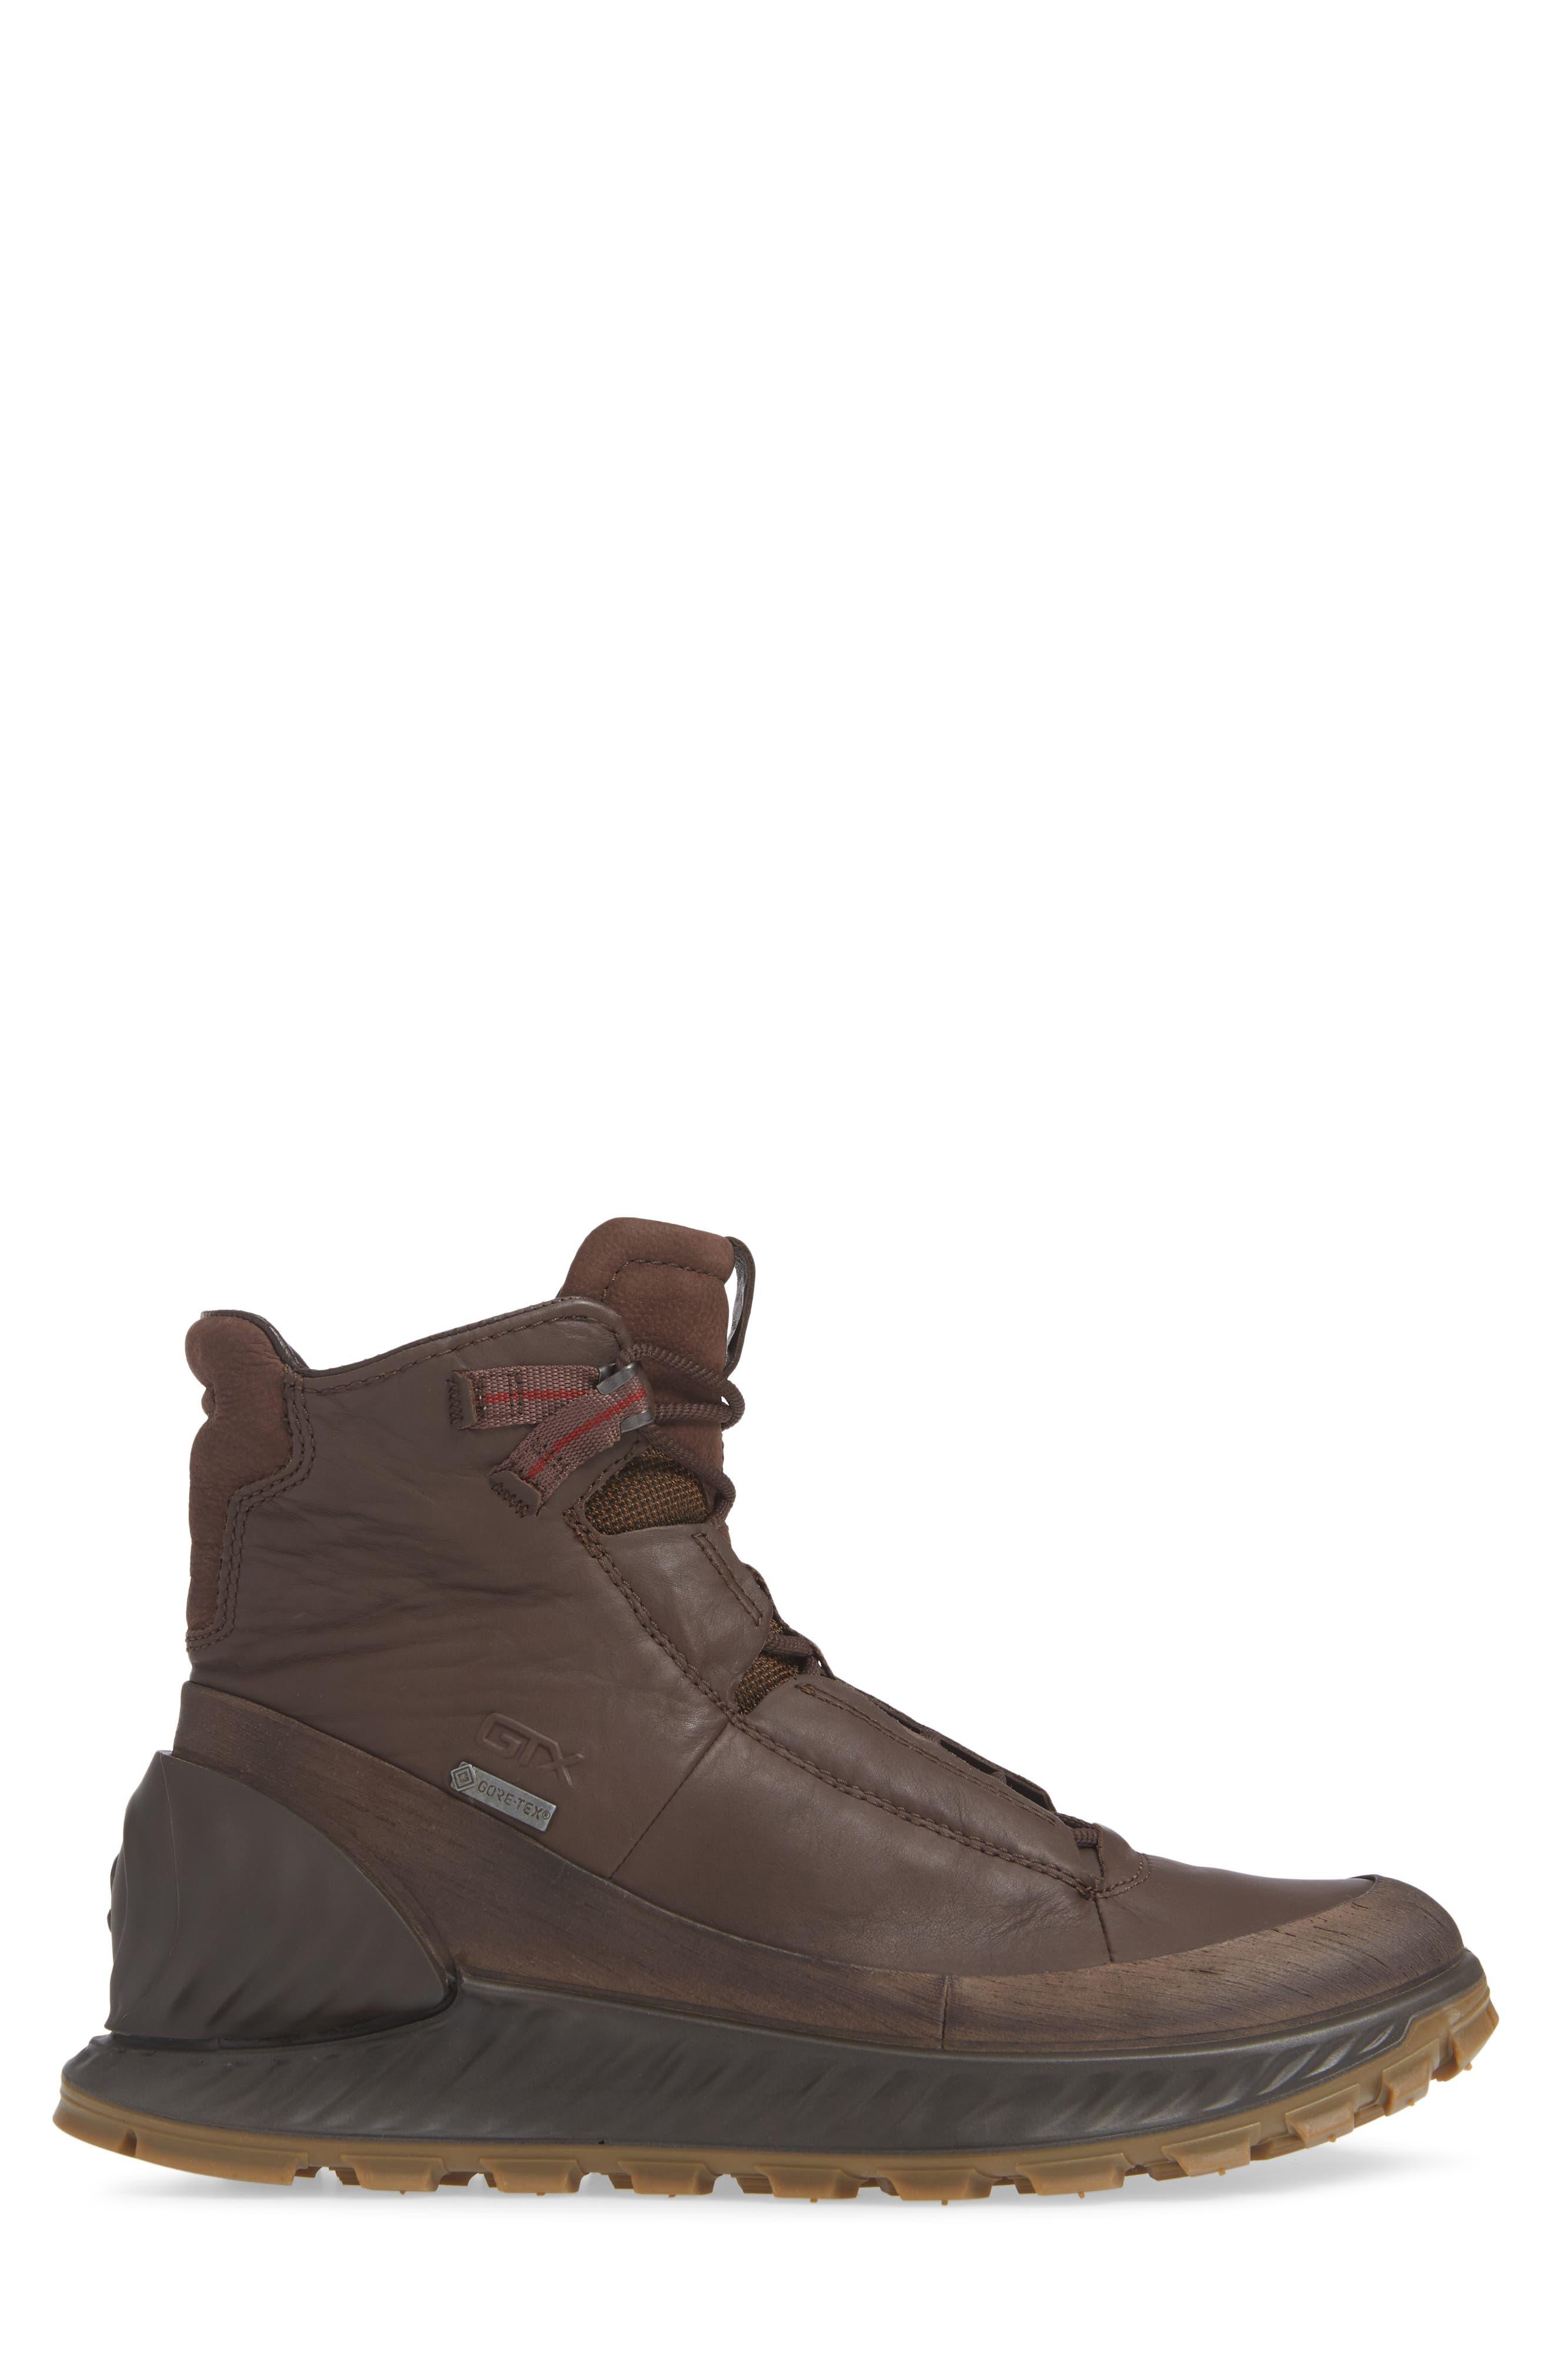 Exostrike Dyneema Gore-Tex<sup>®</sup> Sneaker Waterproof Boot,                             Alternate thumbnail 3, color,                             202